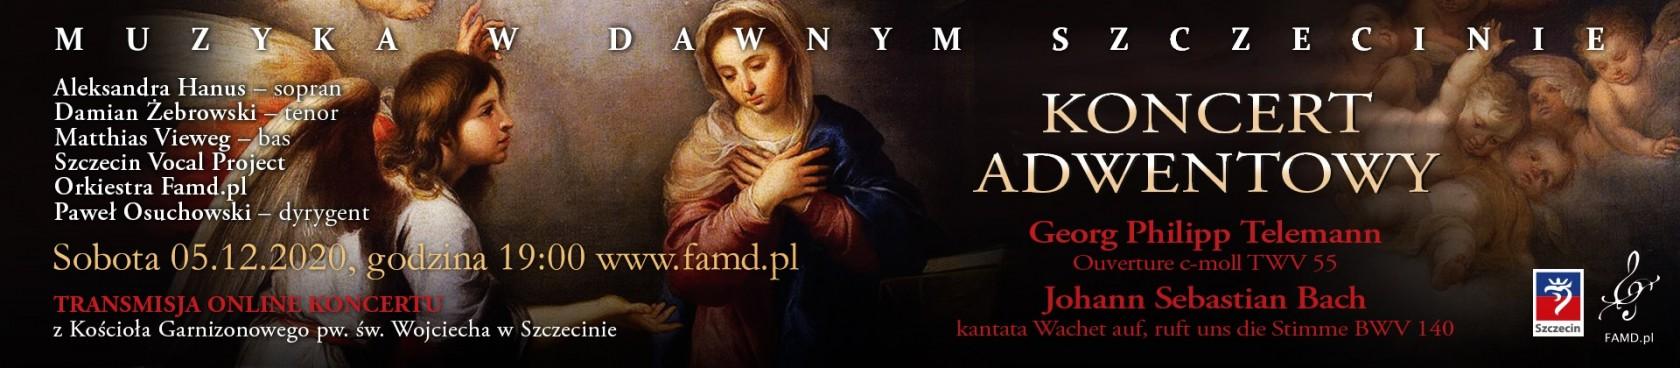 Muzyka w Dawnym Szczecinie - Koncert Adwentowy   online